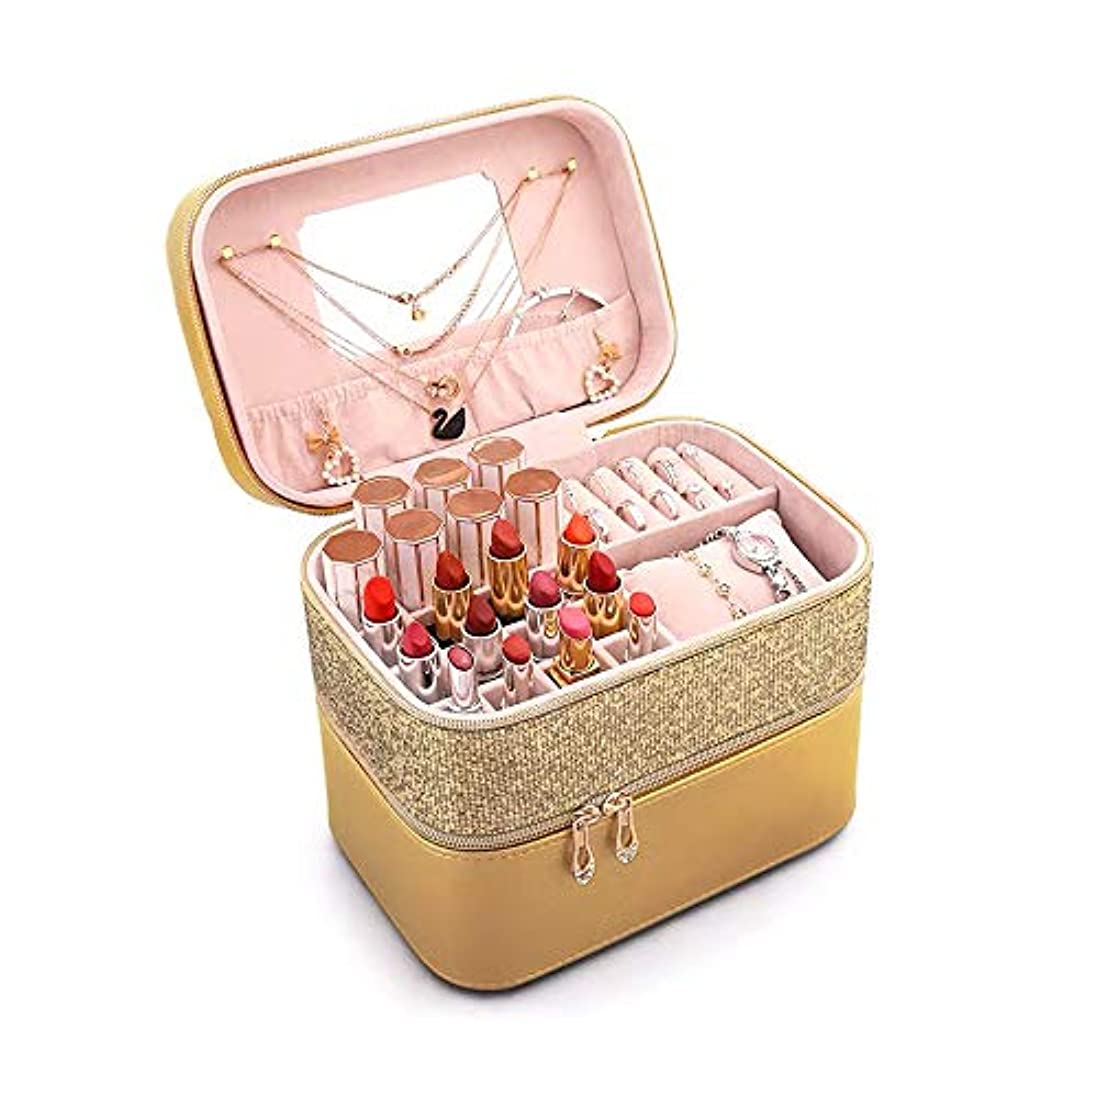 トランジスタ礼拝十億SZTulip メイクボックス 化粧品収納ボックス メイクケース コスメボックス 口紅など小物入れ アクセサリー収納 大容量鏡付き (シャンペン)